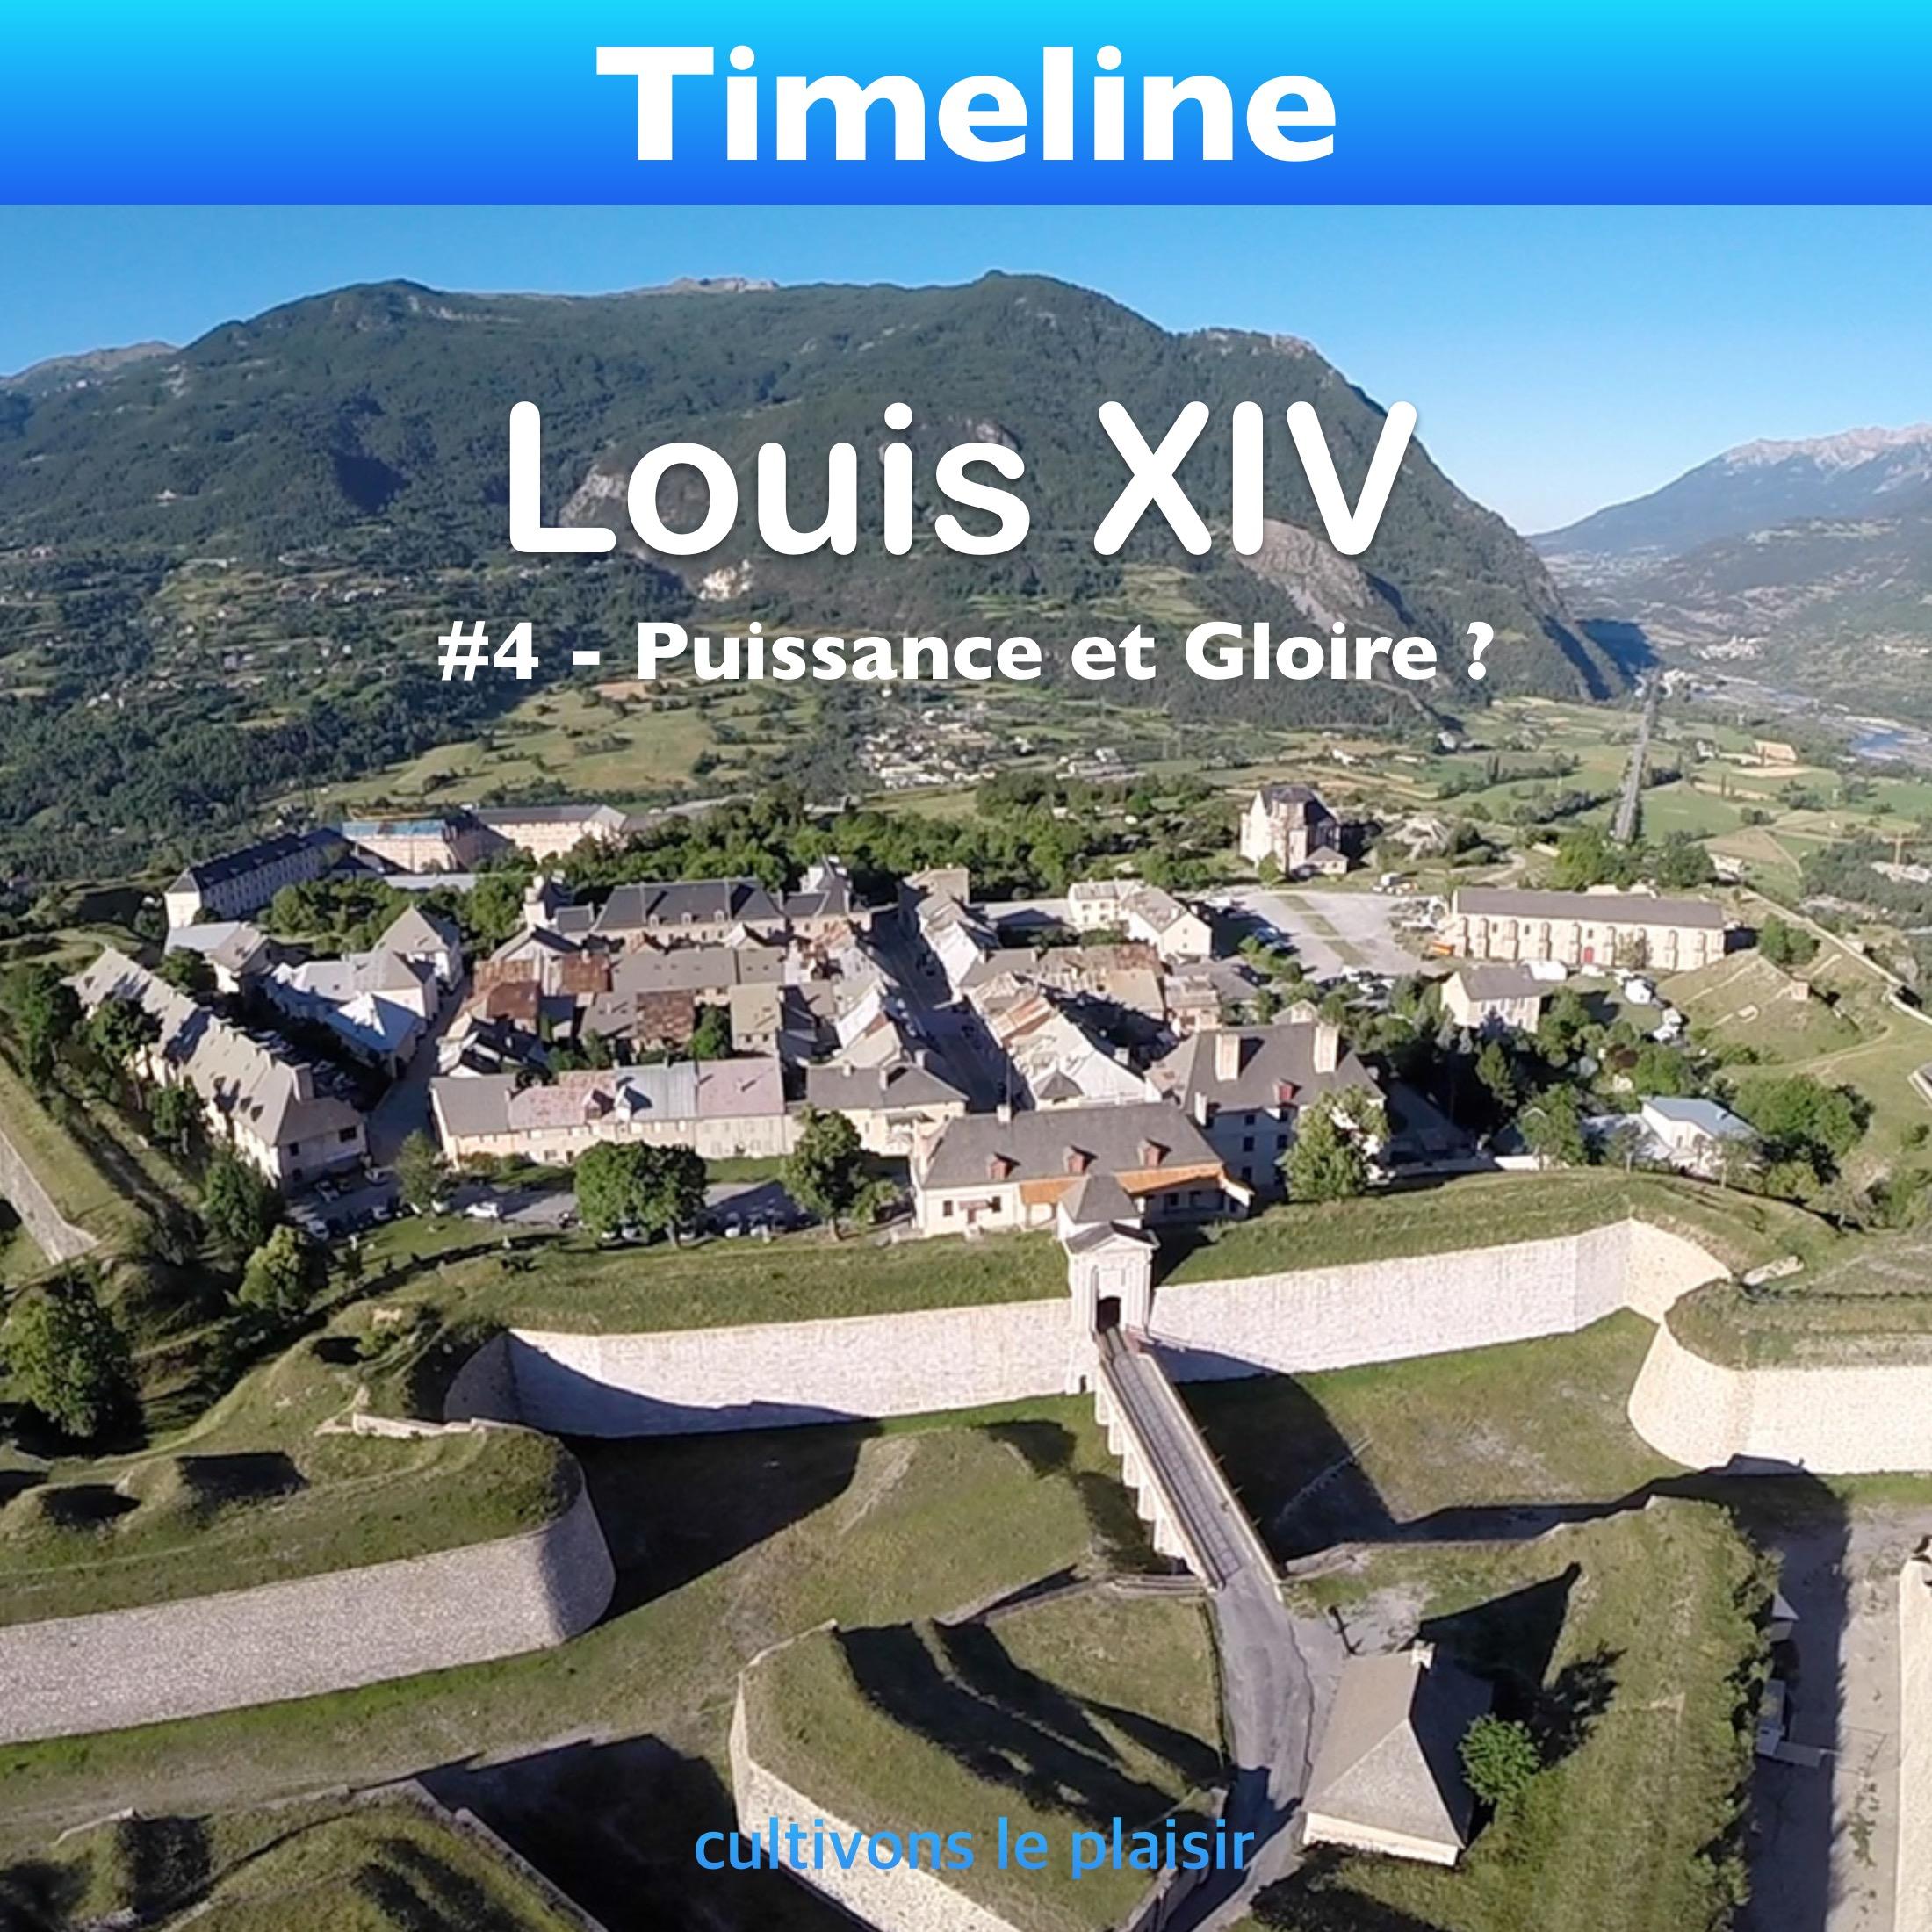 Louis XIV #4